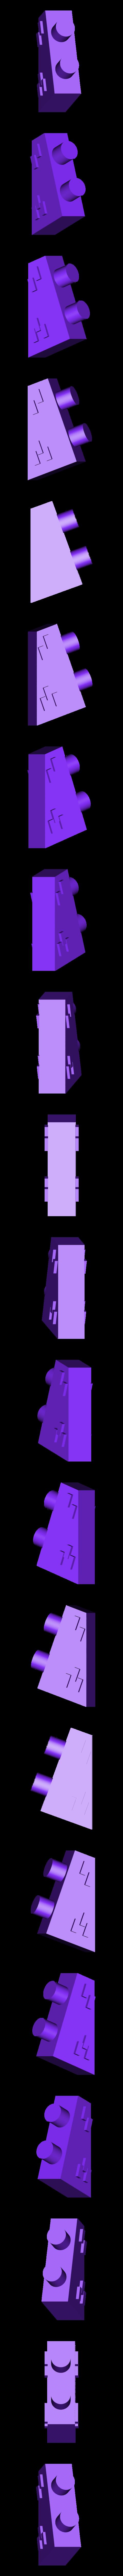 t_terr_ch1_1.stl Télécharger fichier STL gratuit Ripper's London - Maisons à haute hauteur • Design pour imprimante 3D, Earsling